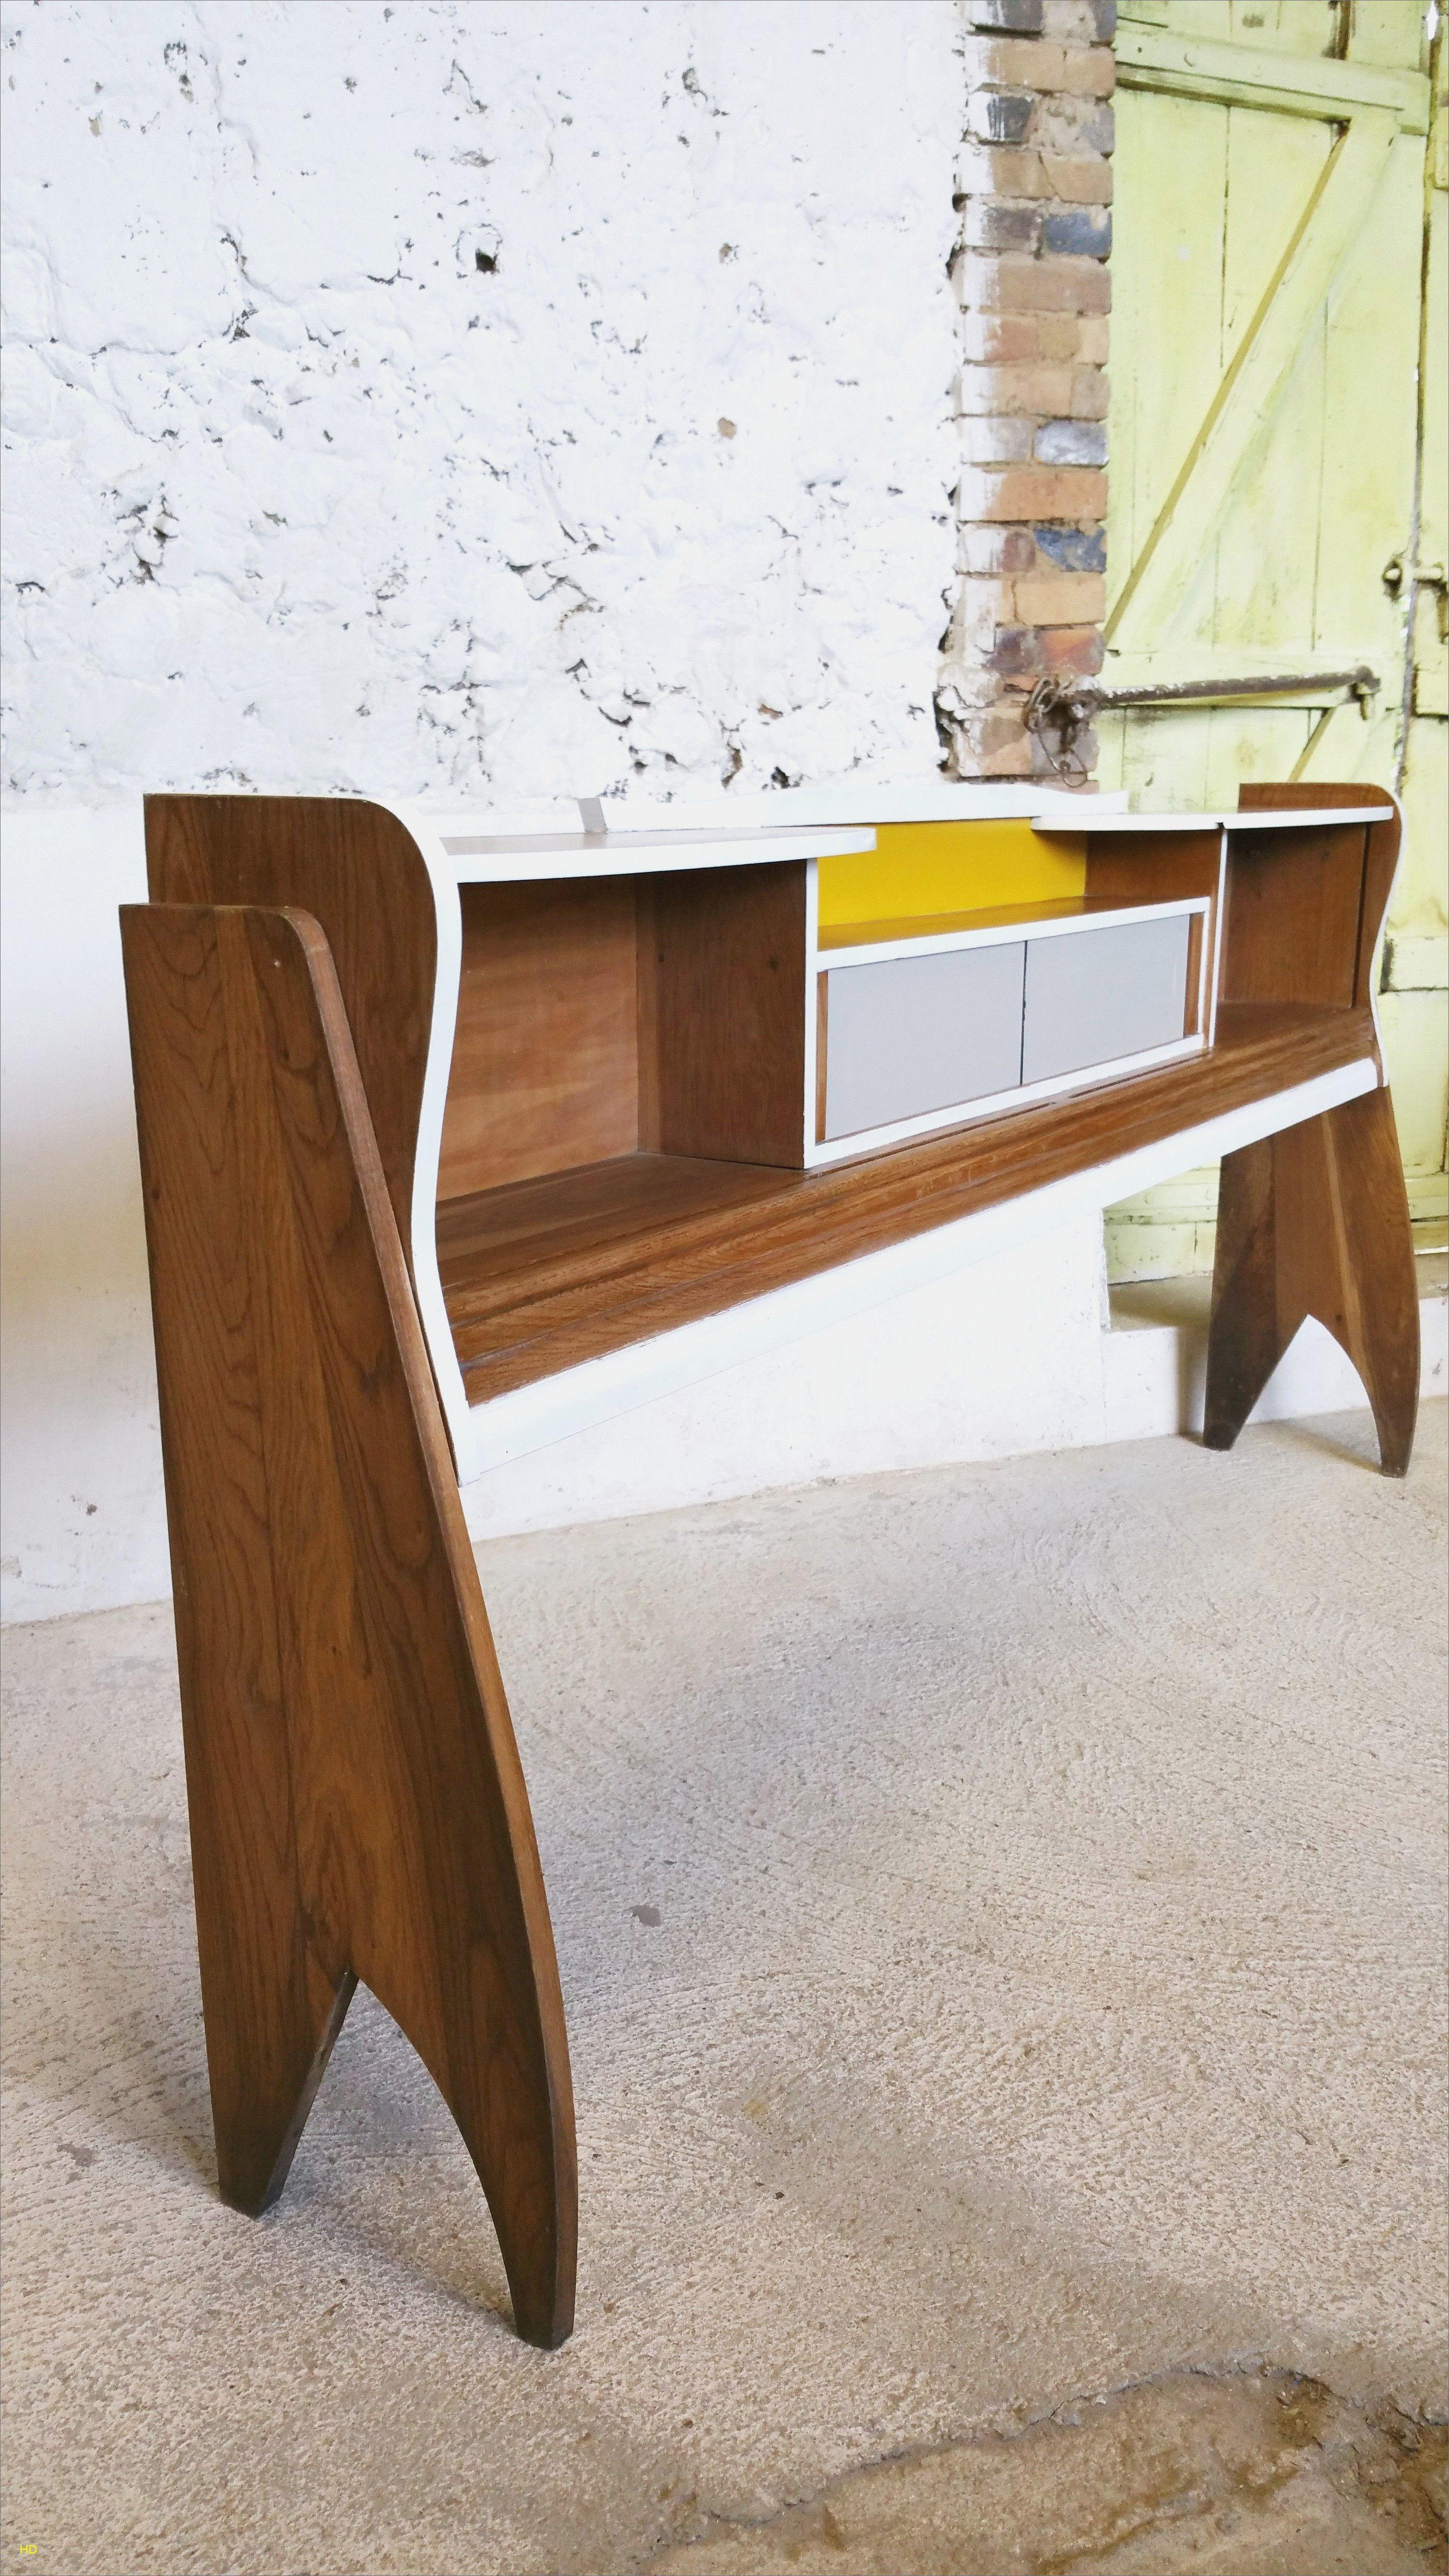 Lit Superposé Avec Bureau Bel Chaise Table Bébé Cuisine Pour Bebe Lovely Lit Ikea Bebe 12 Superpos